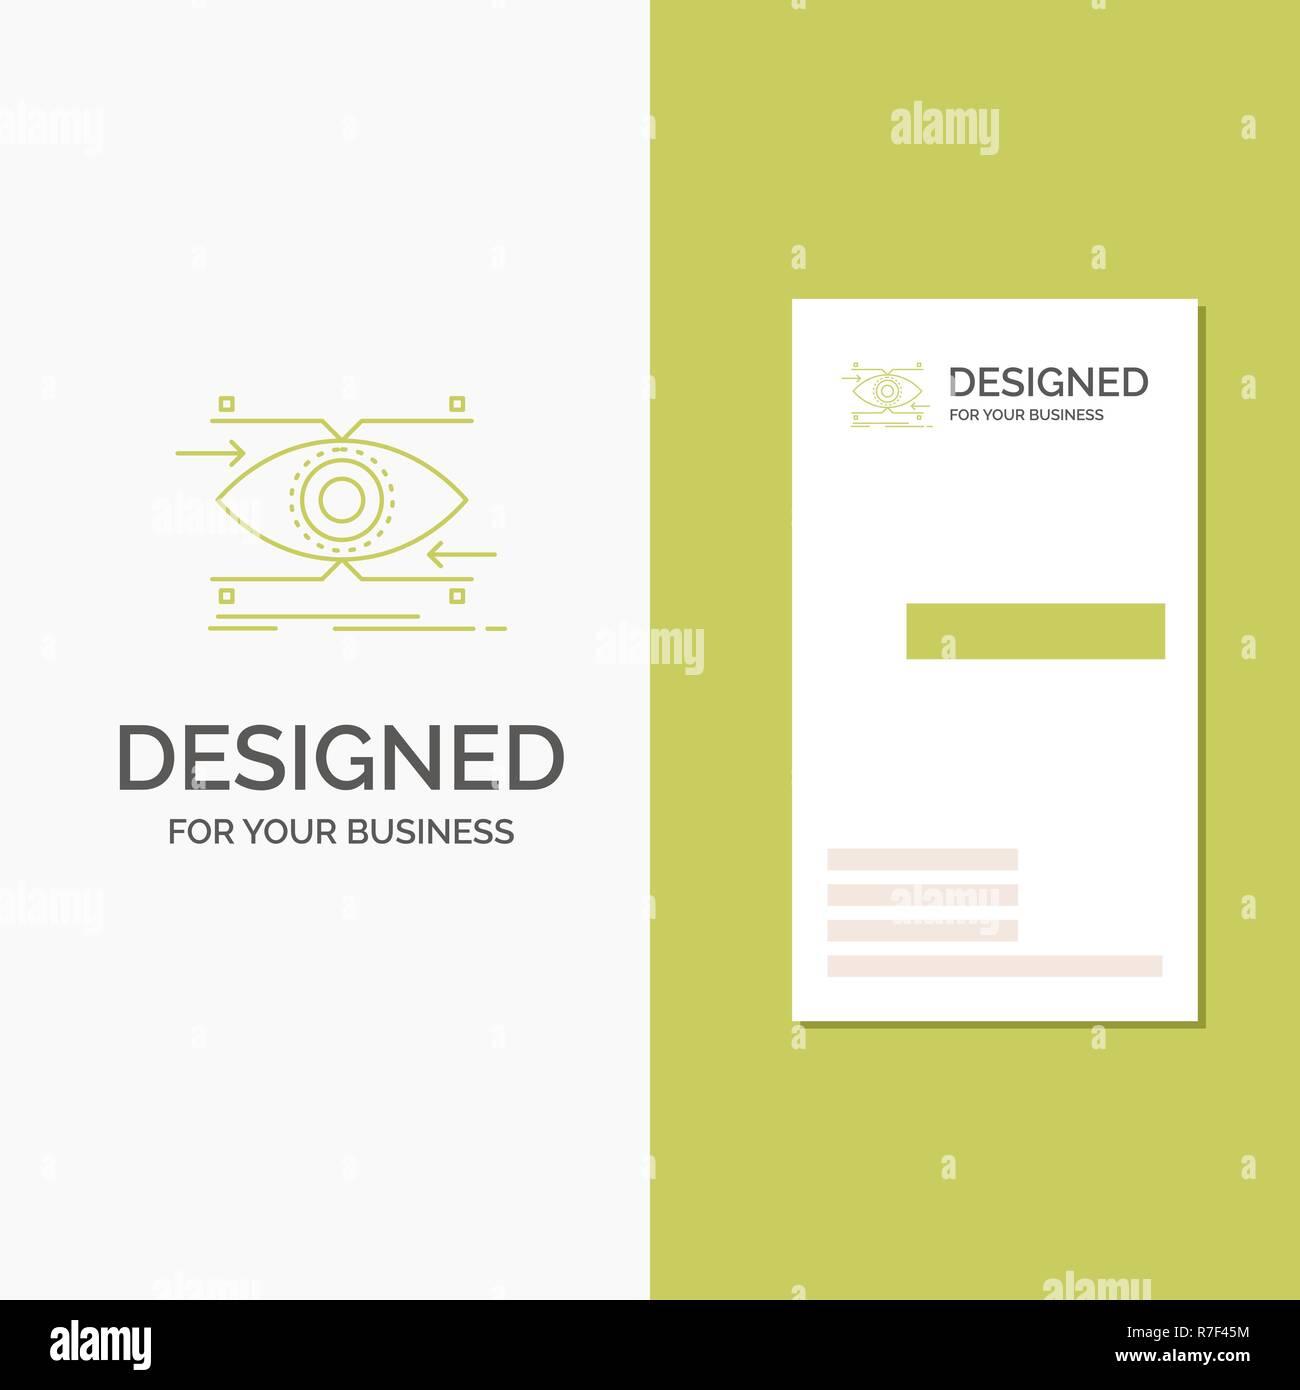 Logo Dentreprise Pour Lattention De Loeil Laccent A La Recherche Vision Lentreprise Verte Verticale Modele Carte Visite